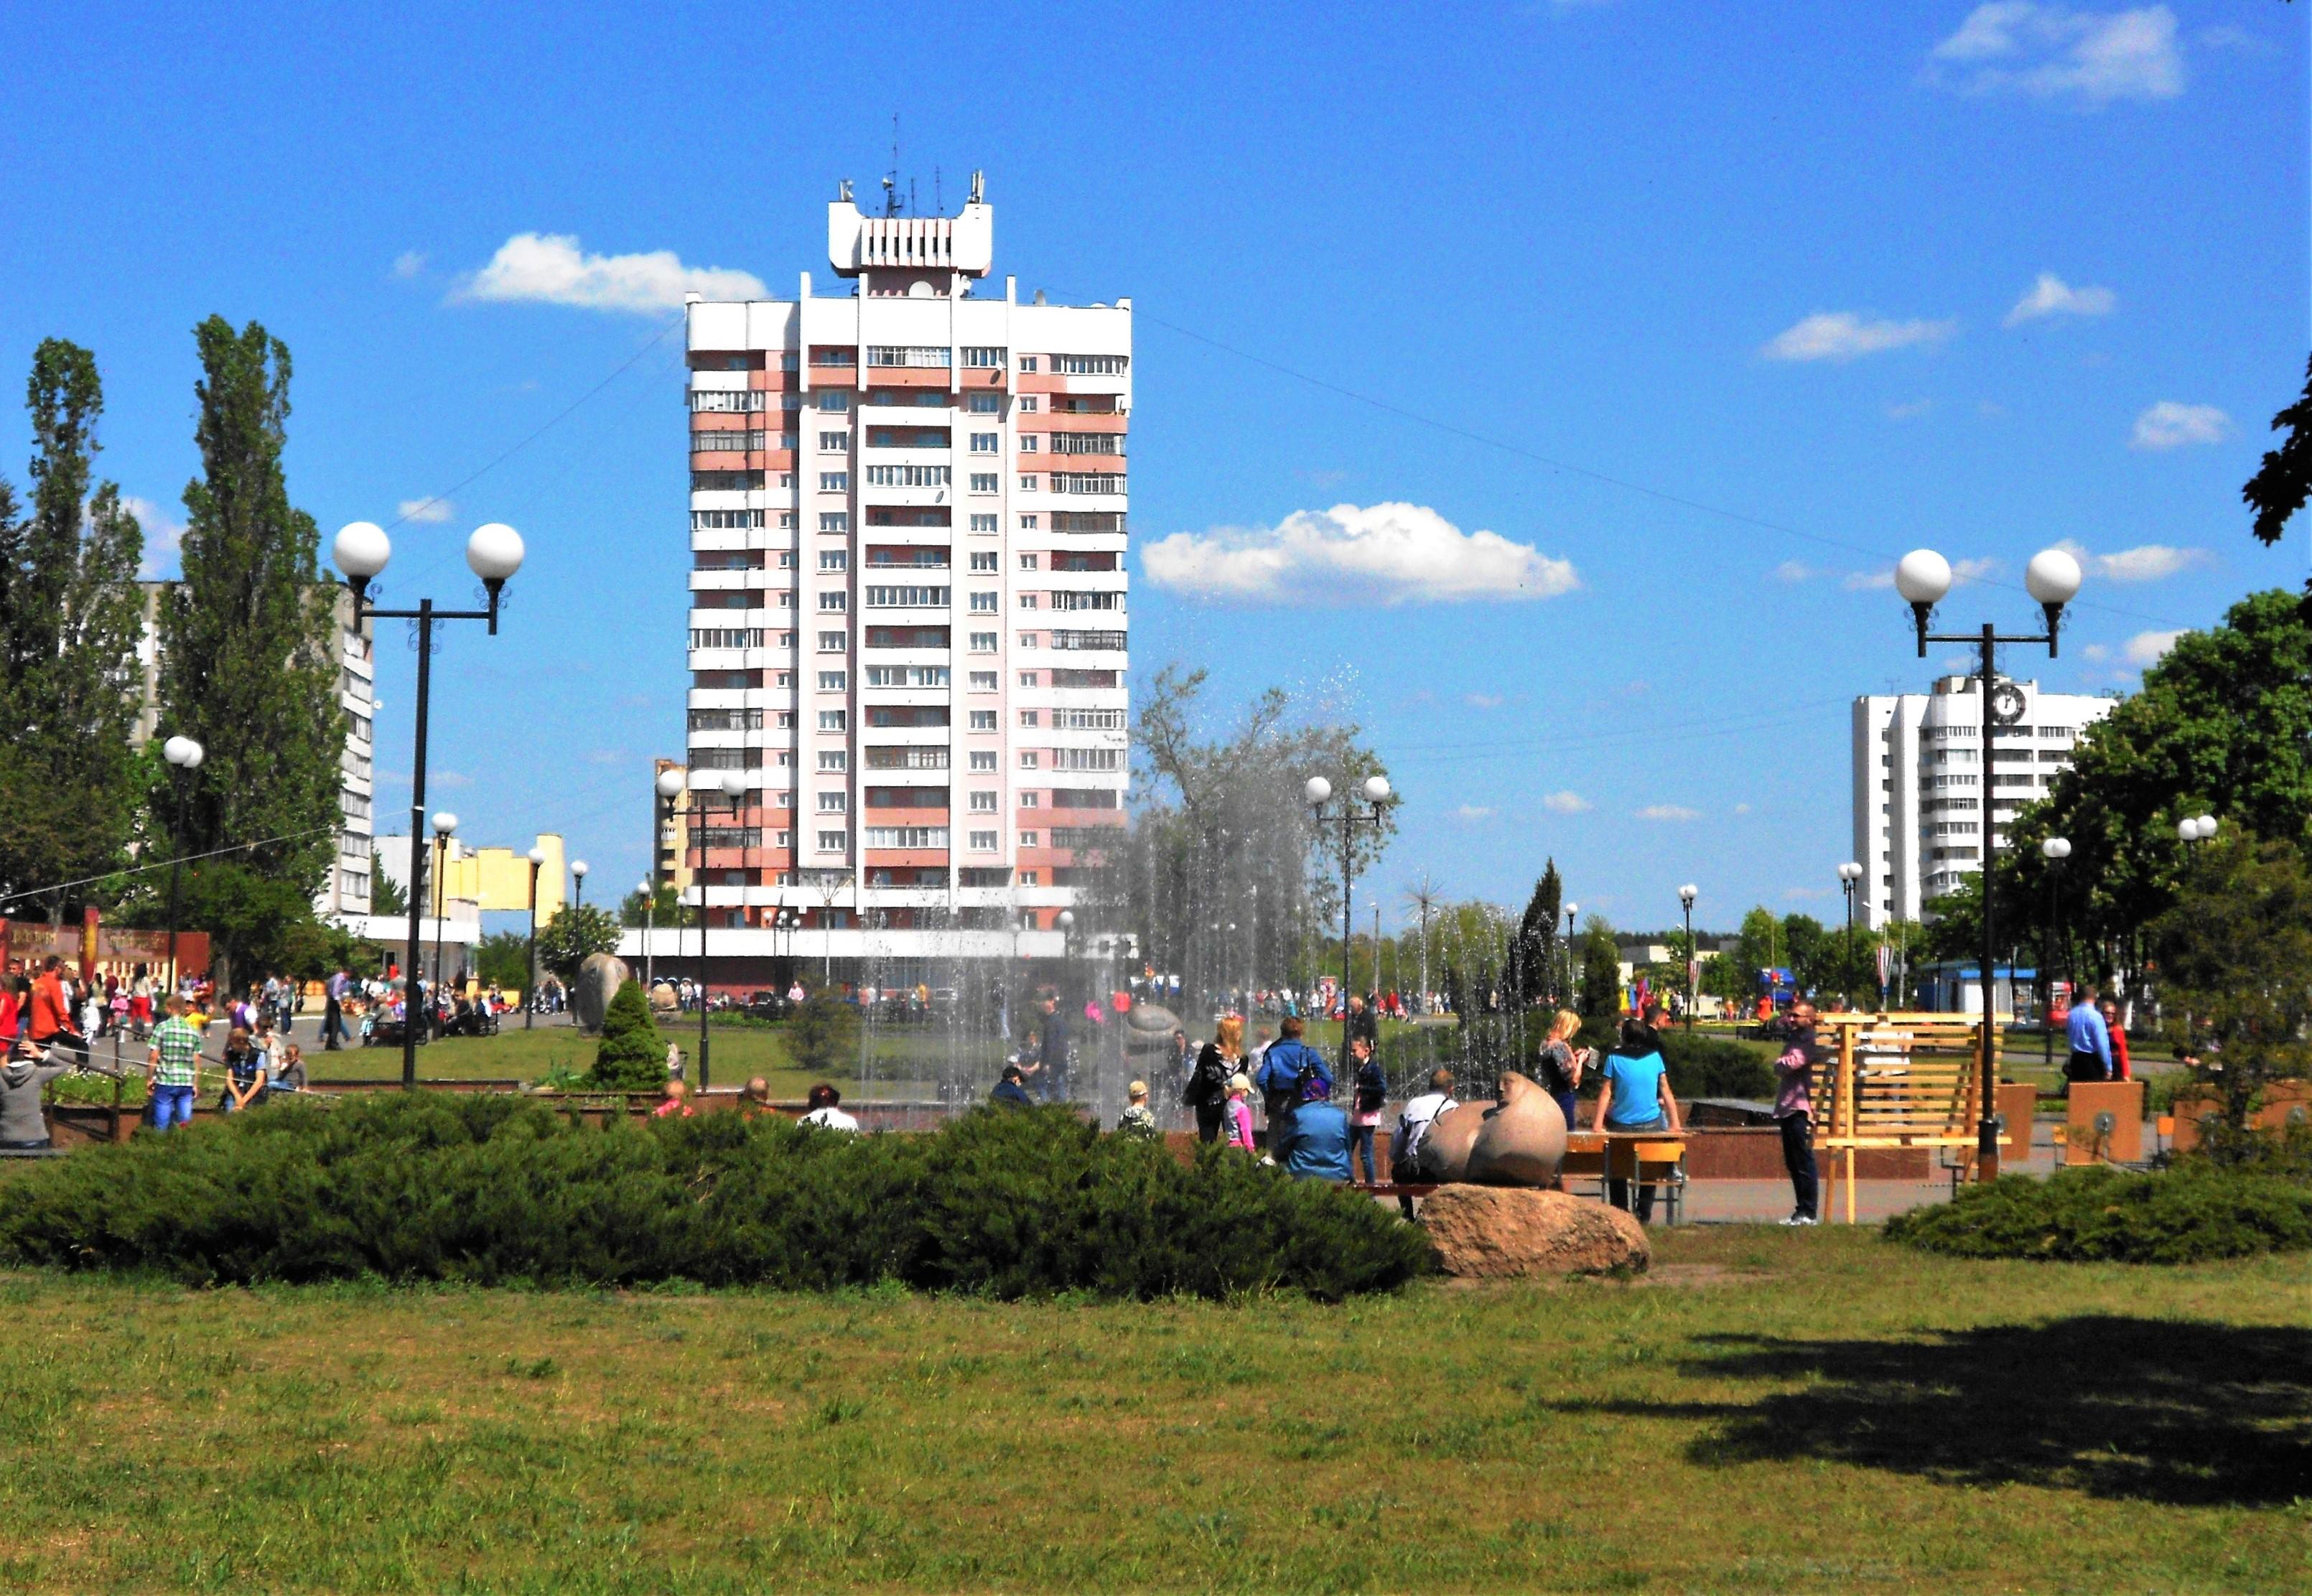 Svetlahorsk